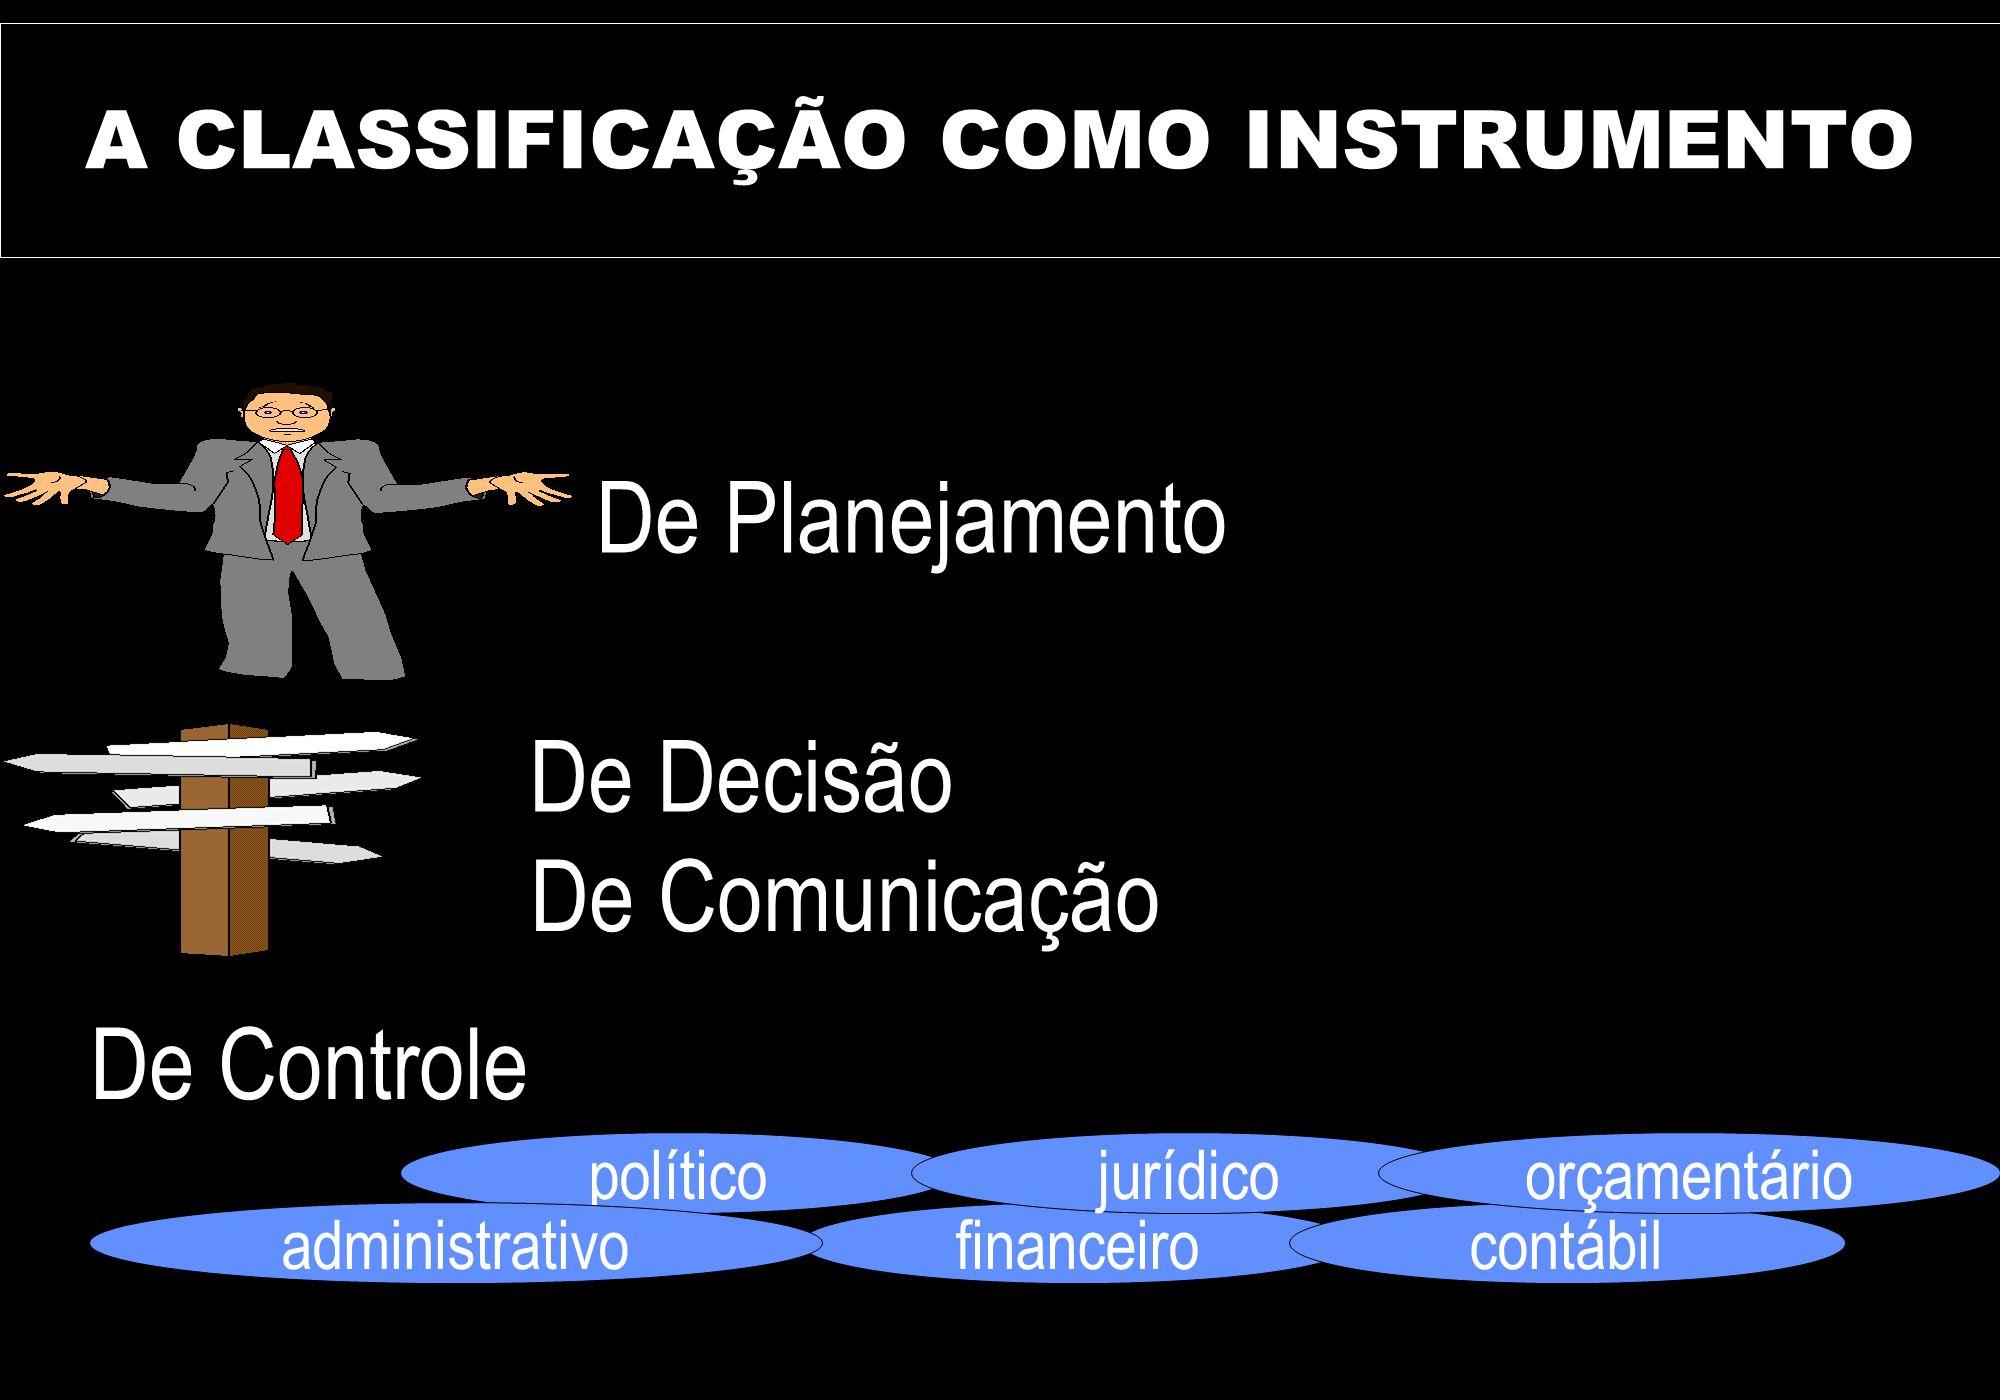 PARTILHA DO ICMS Competência Estadual Minas Gerais Paraná Partilha dos 25% do valor adicionado 08% Produção Agropecuária 06% Número de Habitantes Rurais 05% Fator Ambiental 02% Propriedades Rurais 02% Área Territorial 02% Fator Fixo Critério Progressivo no Tempo2001-04 A partir de 2005